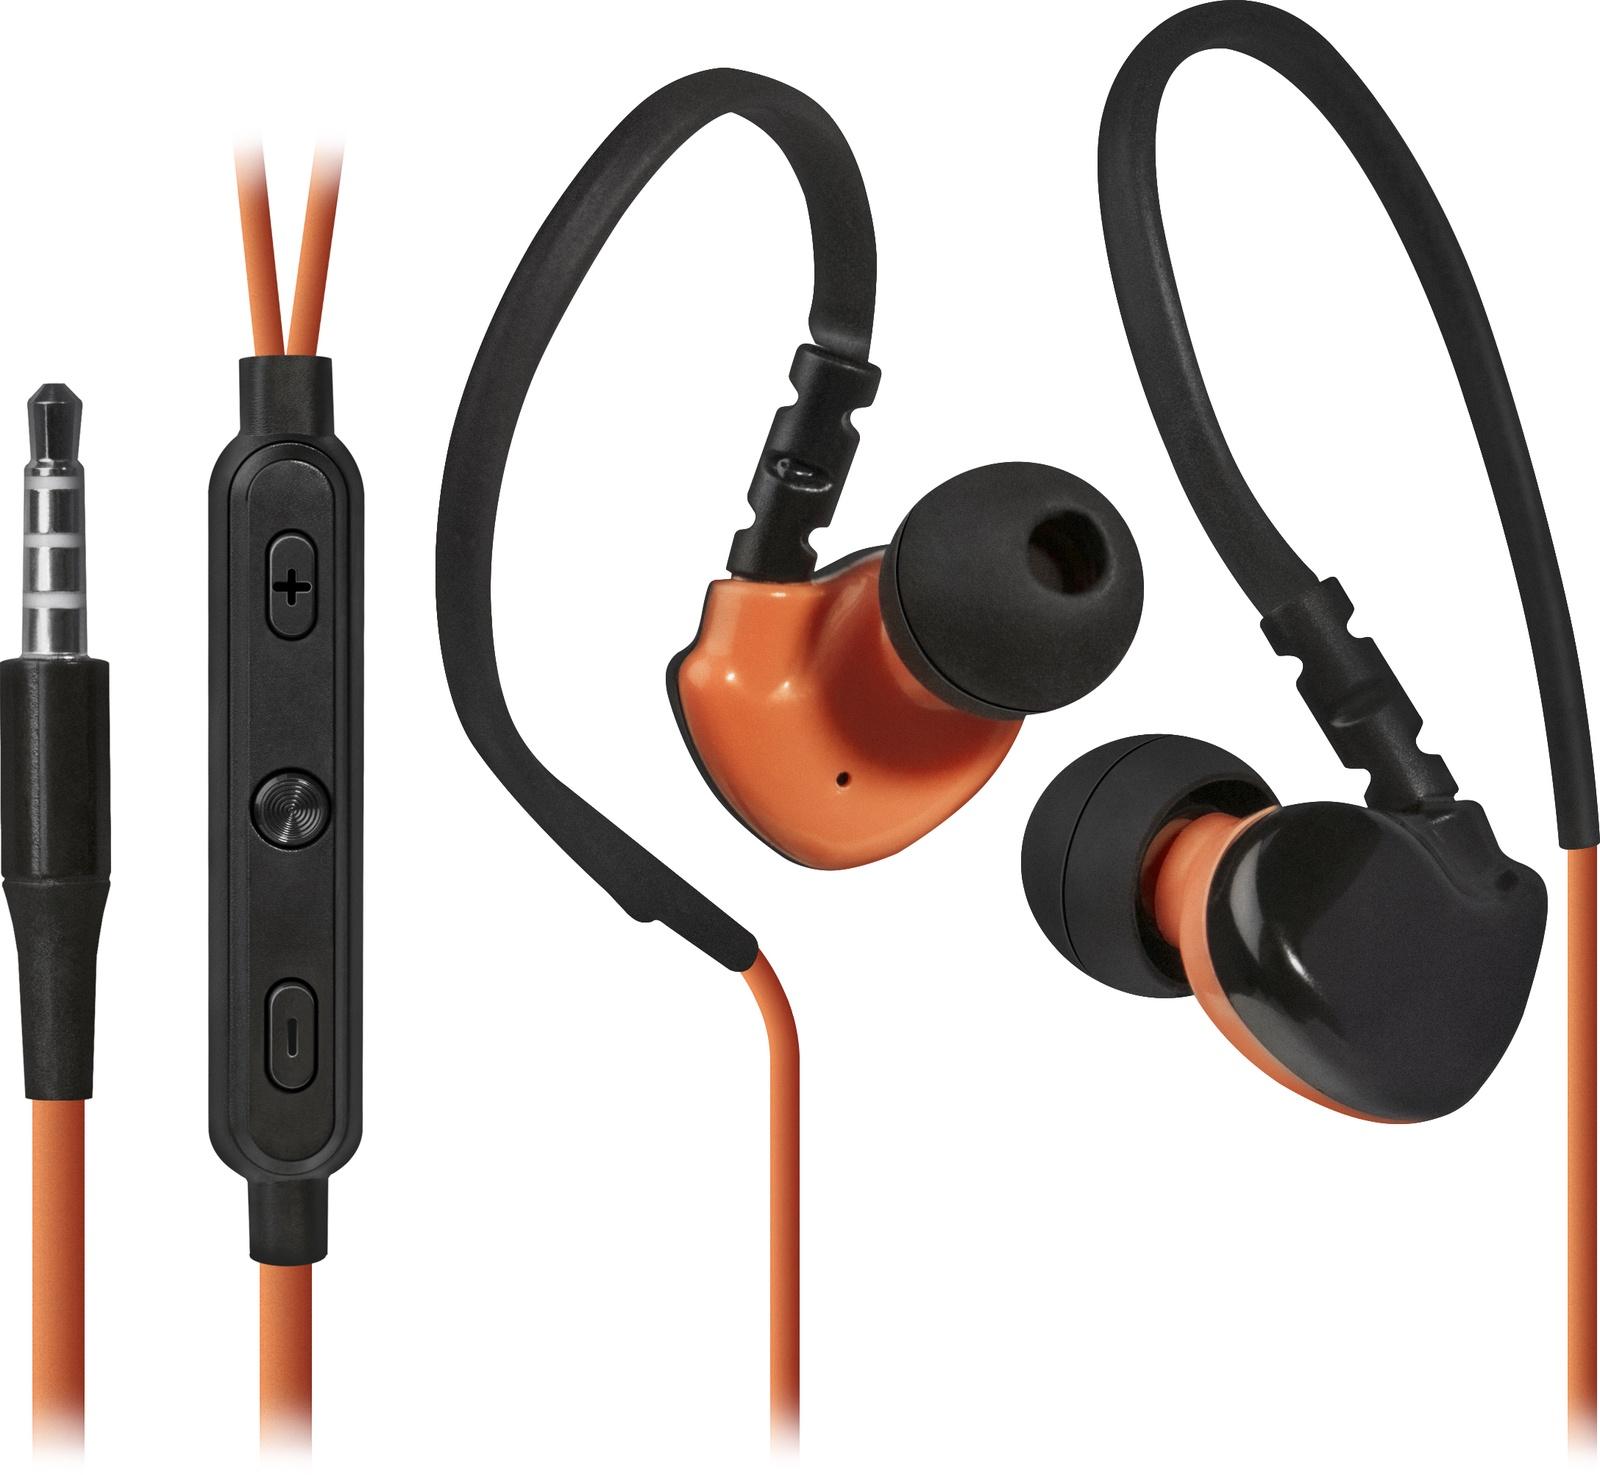 Наушники Defender OutFit W770, 63772, оранжевый вставные наушники defender outfit b 710 черный оранжевый 63712